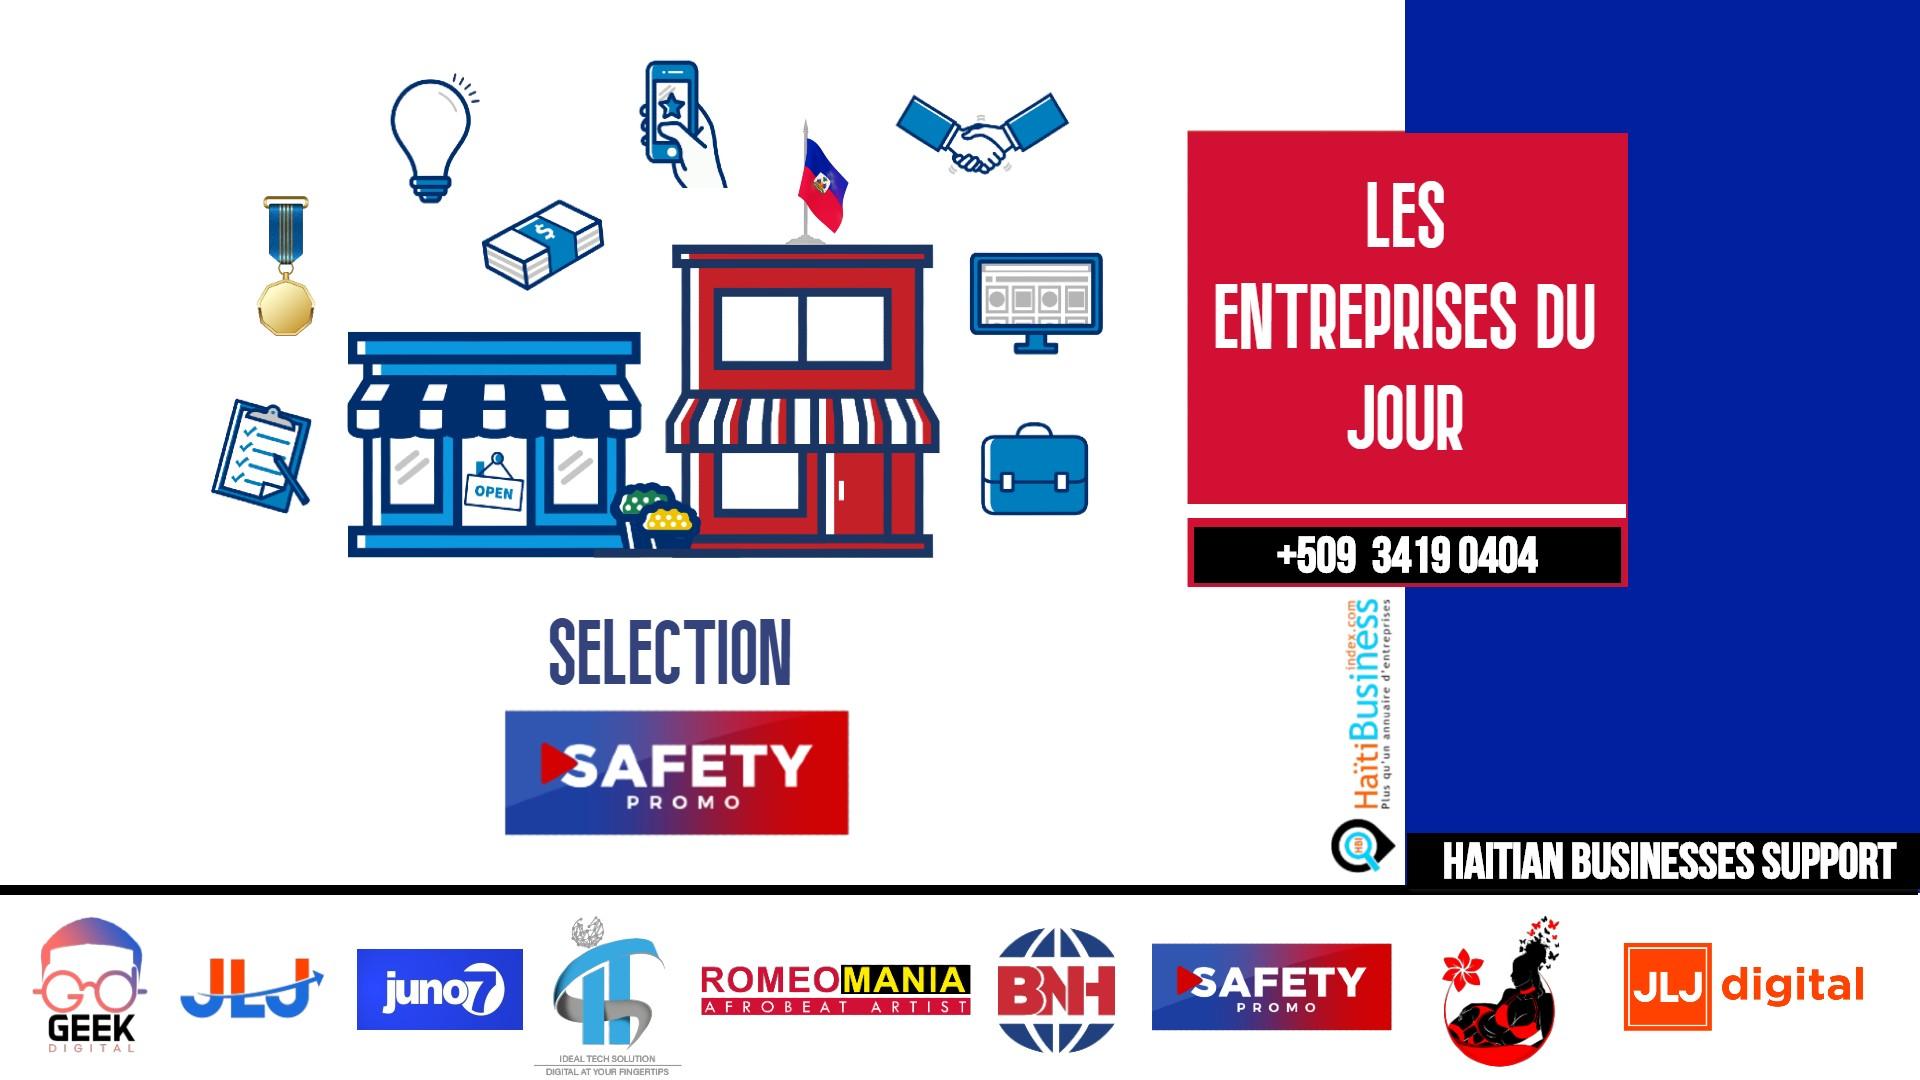 Choix Safety Promo du 11 Aout - Les Essences NIDO